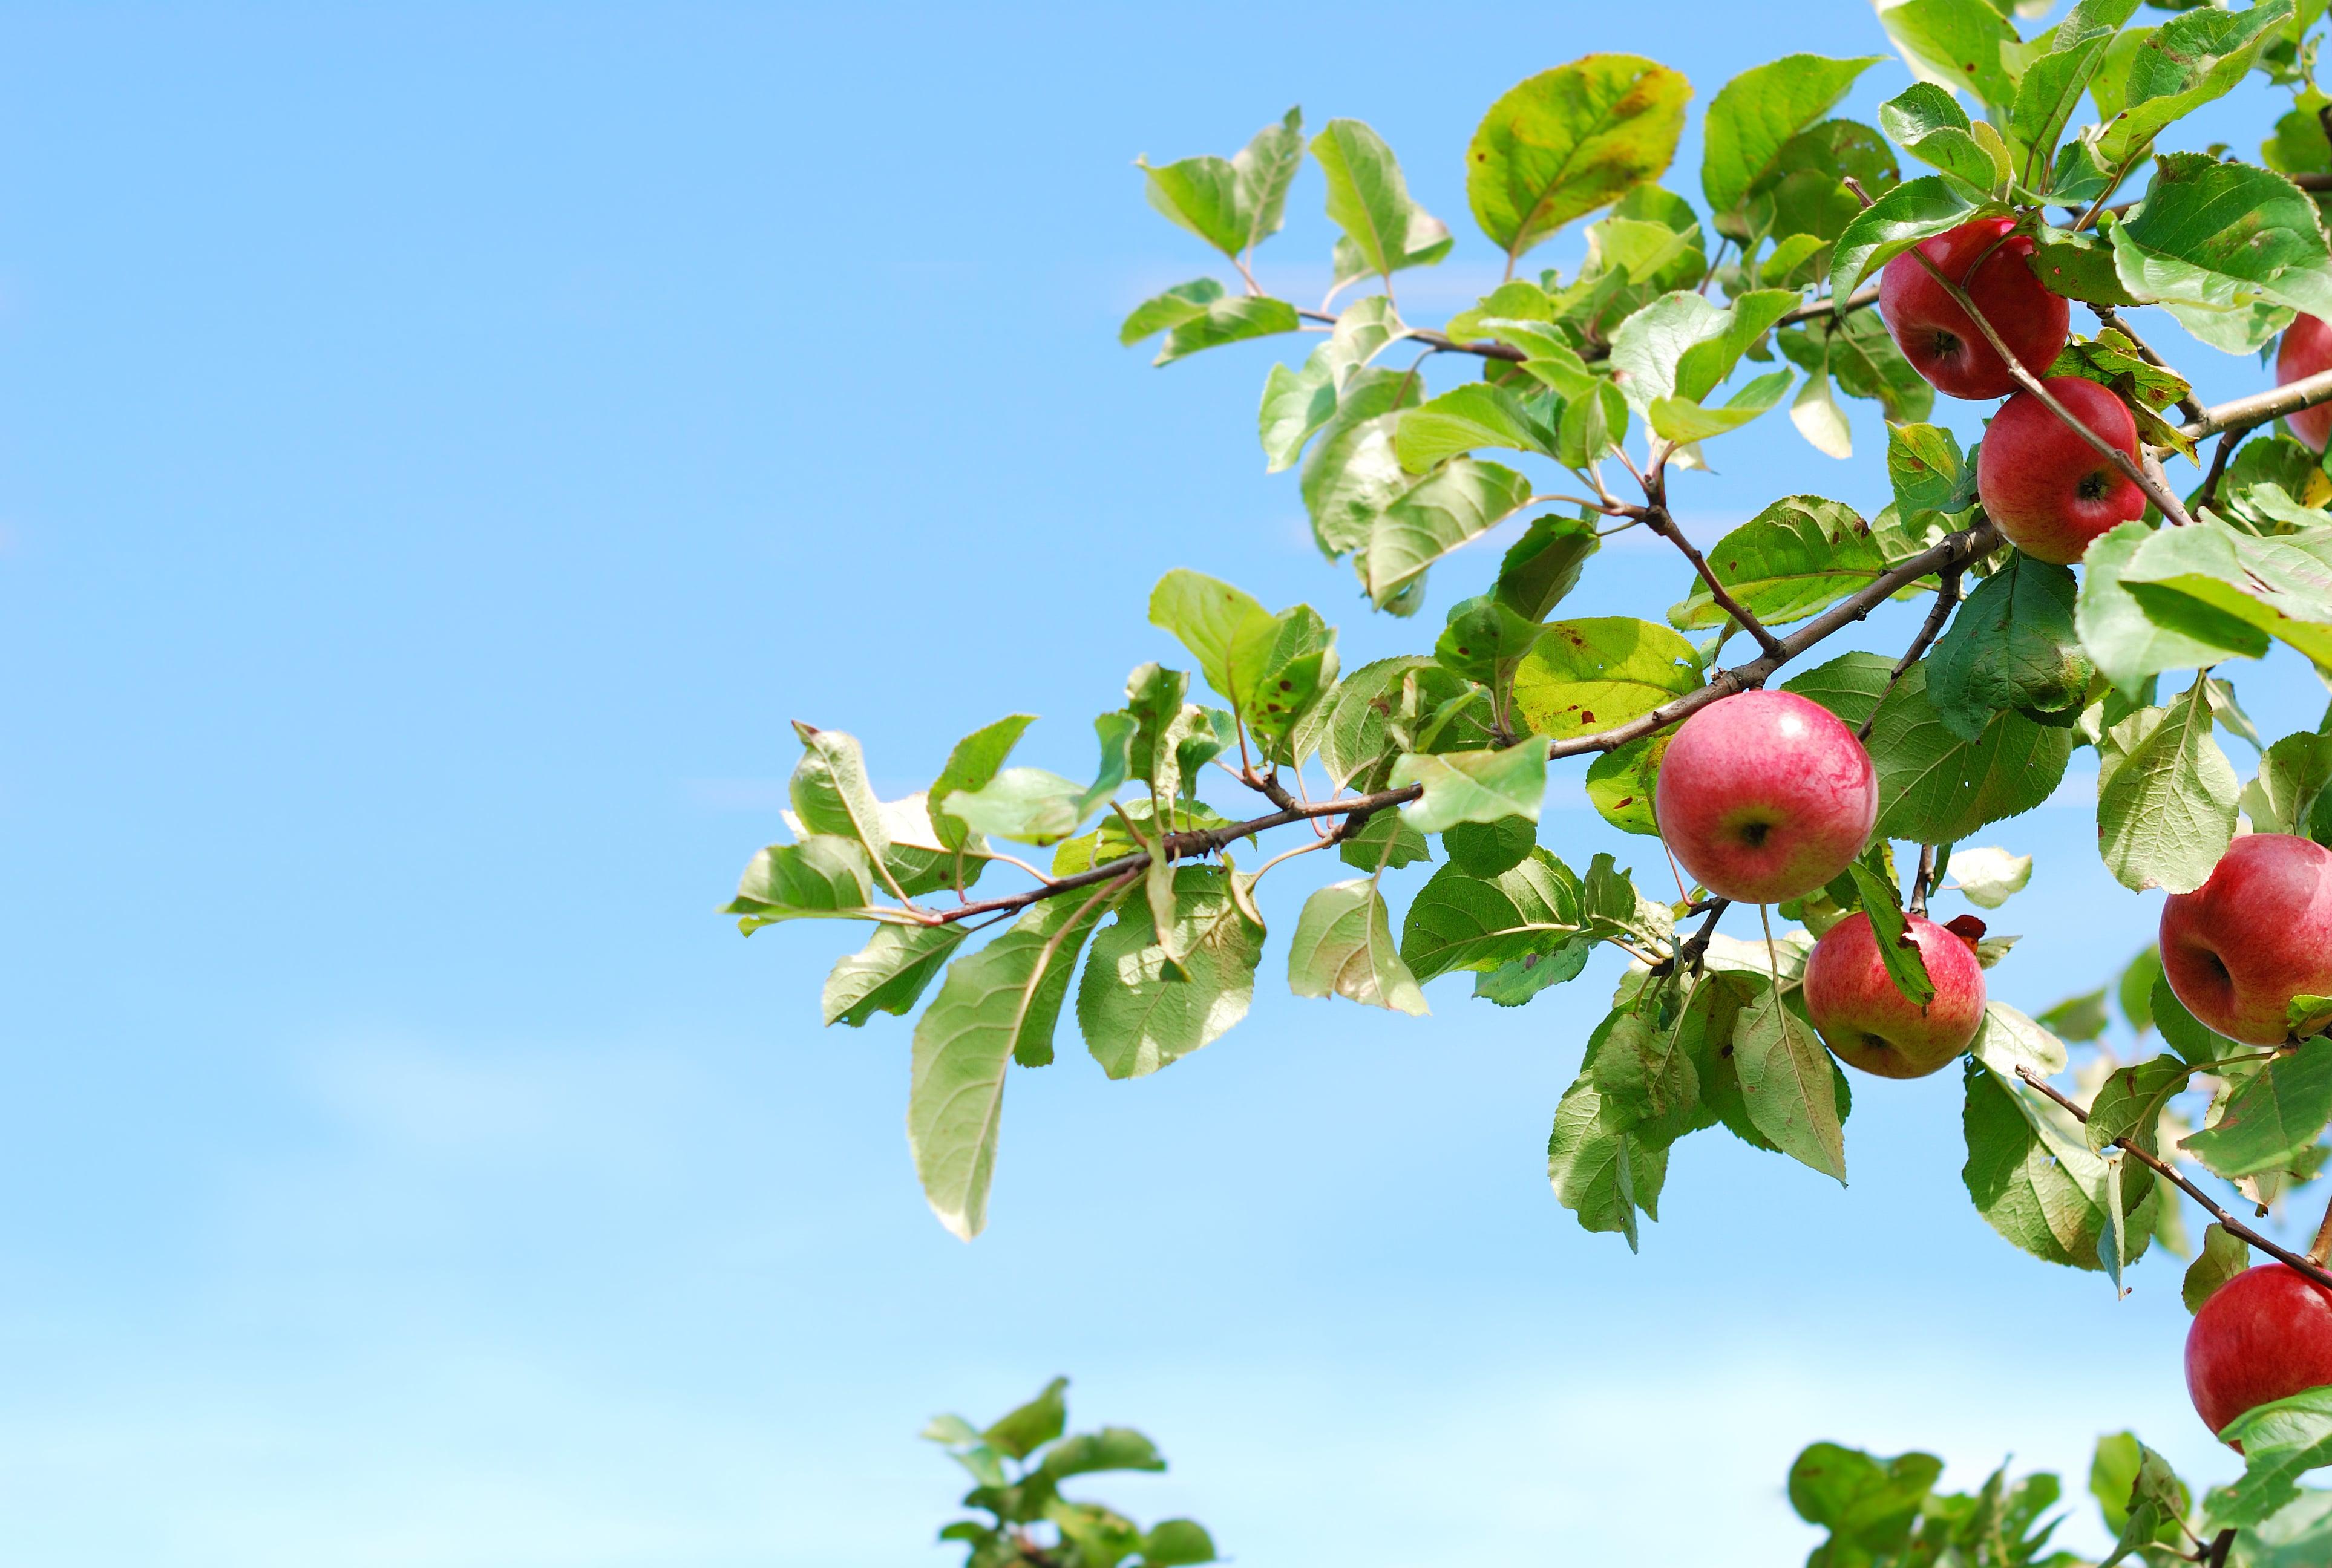 Árvore com maçãs